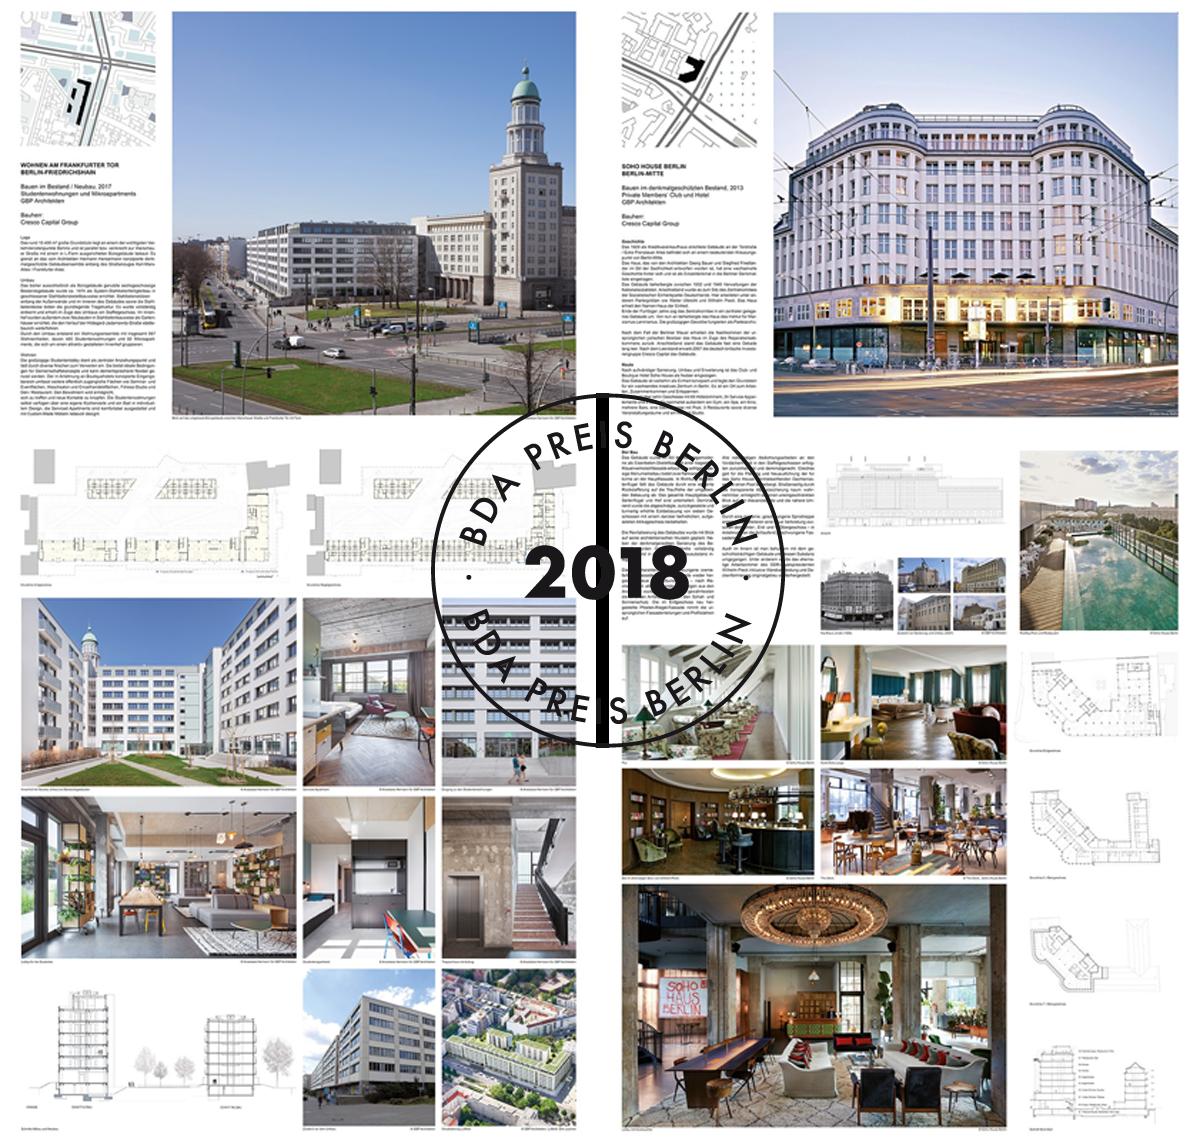 Verzauberkunst Architekten In Berlin Referenz Von Bda Preis 2018